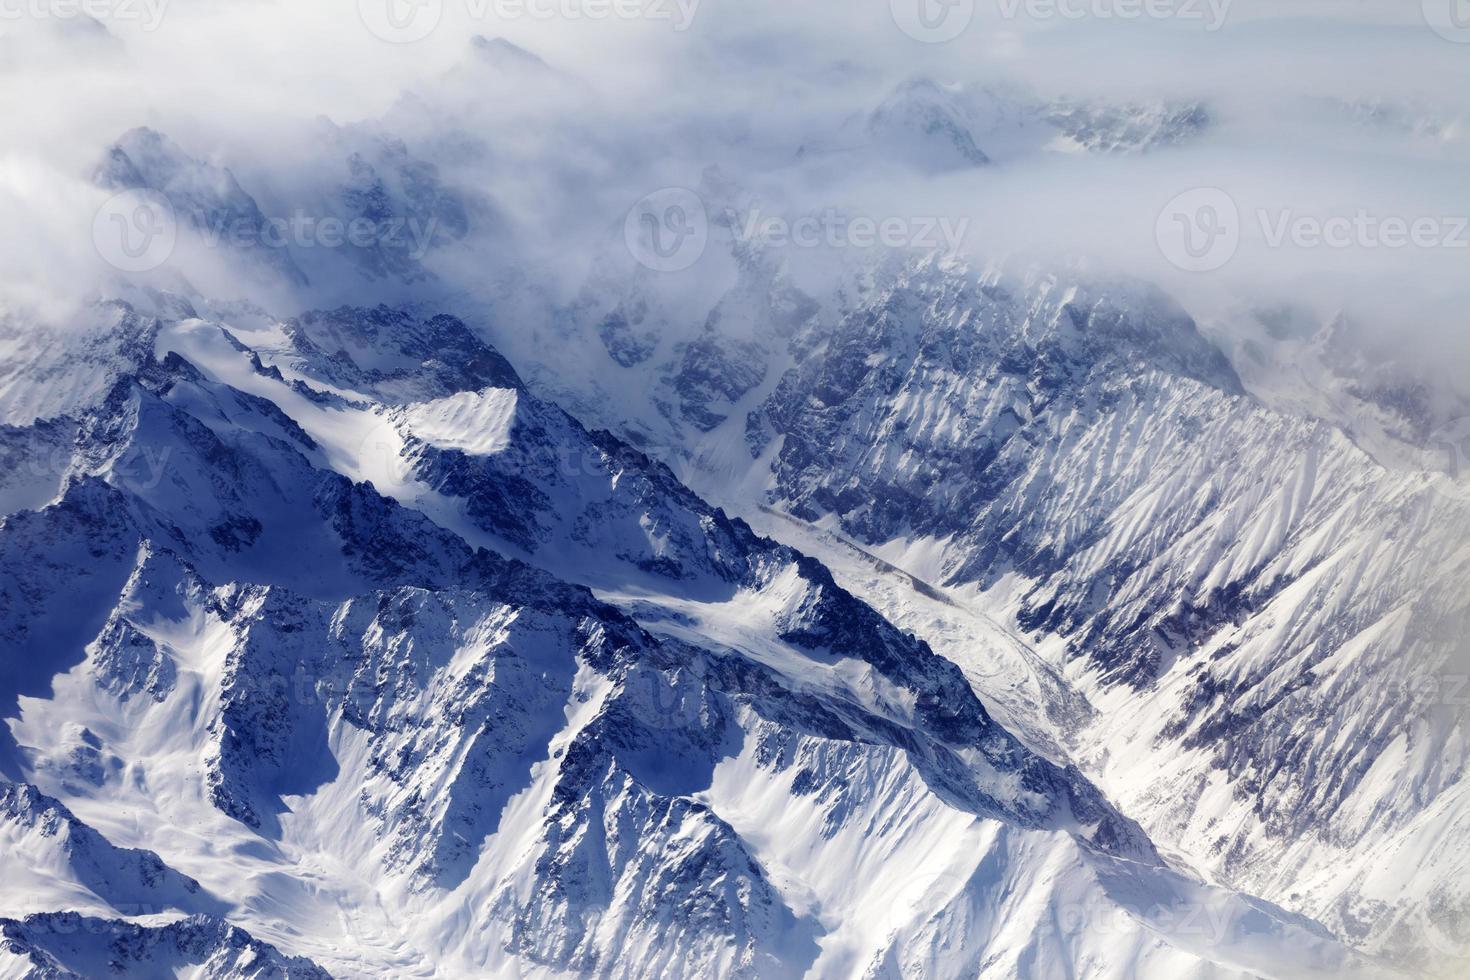 vista superior em montanhas de neve e geleira na névoa foto